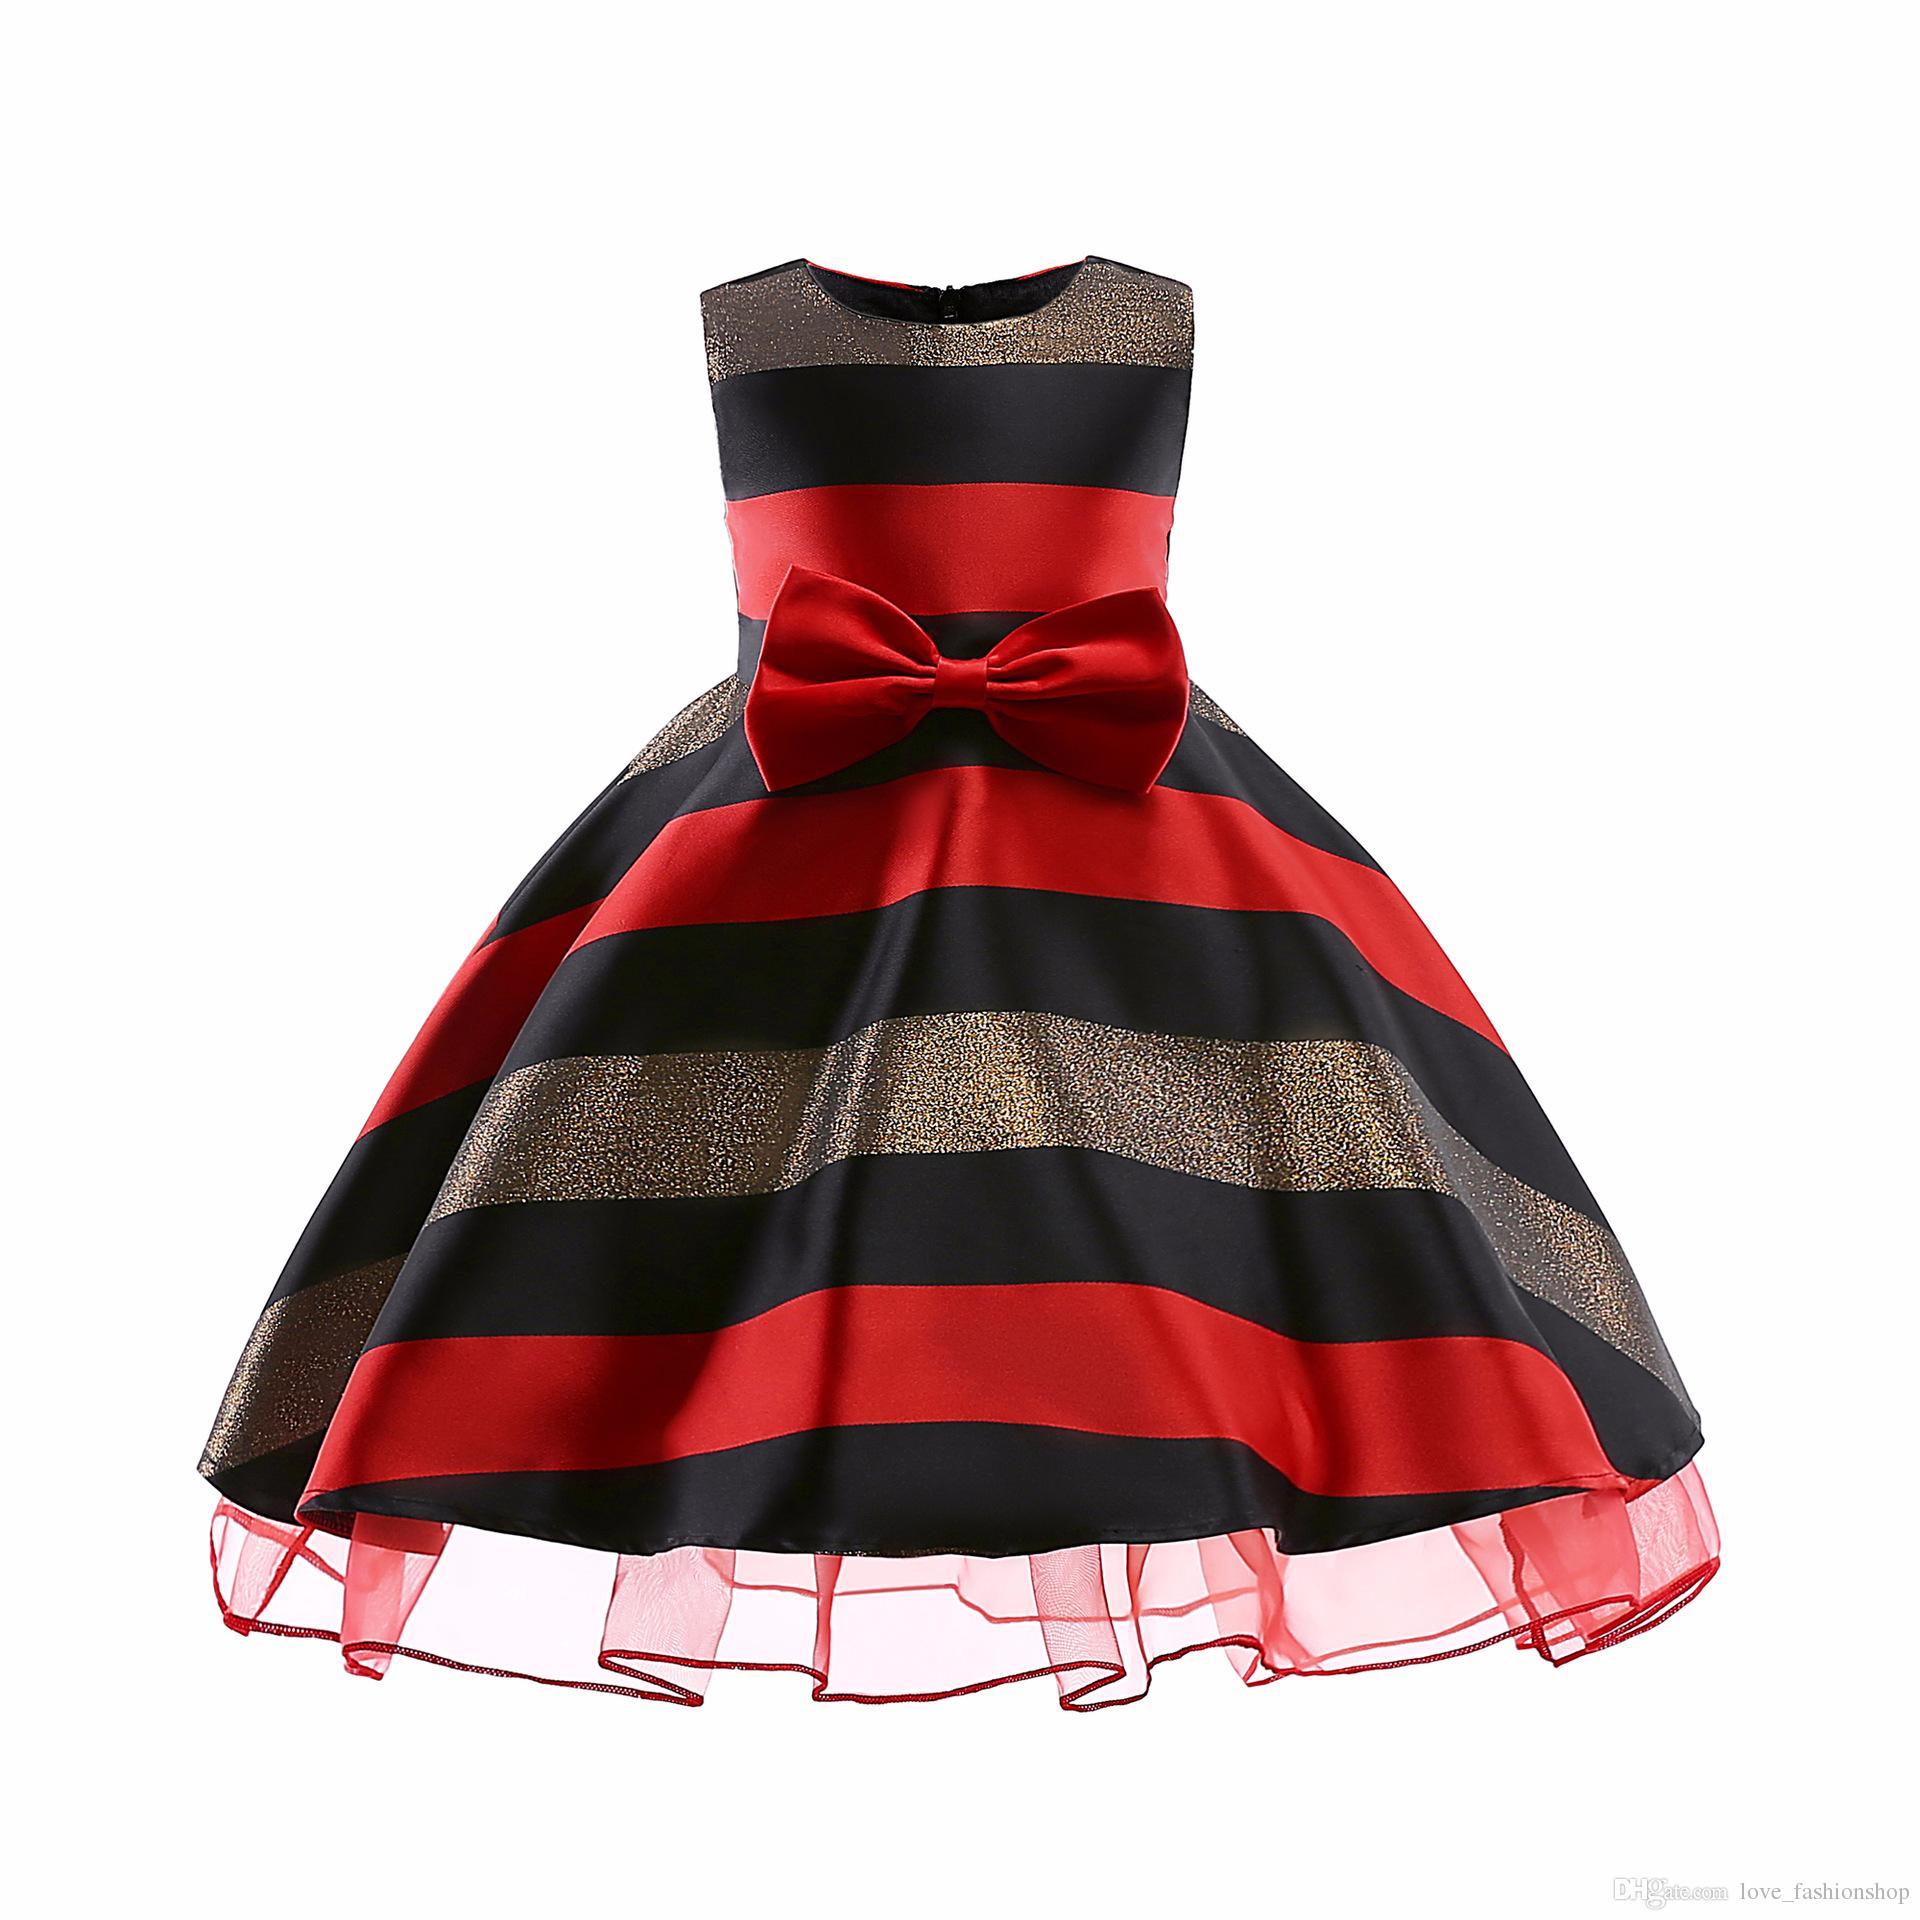 1 قطع طفل الفتيات كبير bowknot الأميرة اللباس موضة 2019 أطفال قطعة واحدة شريط كامل حفلة موسيقية فساتين رقص الأطفال بوتيك الملابس